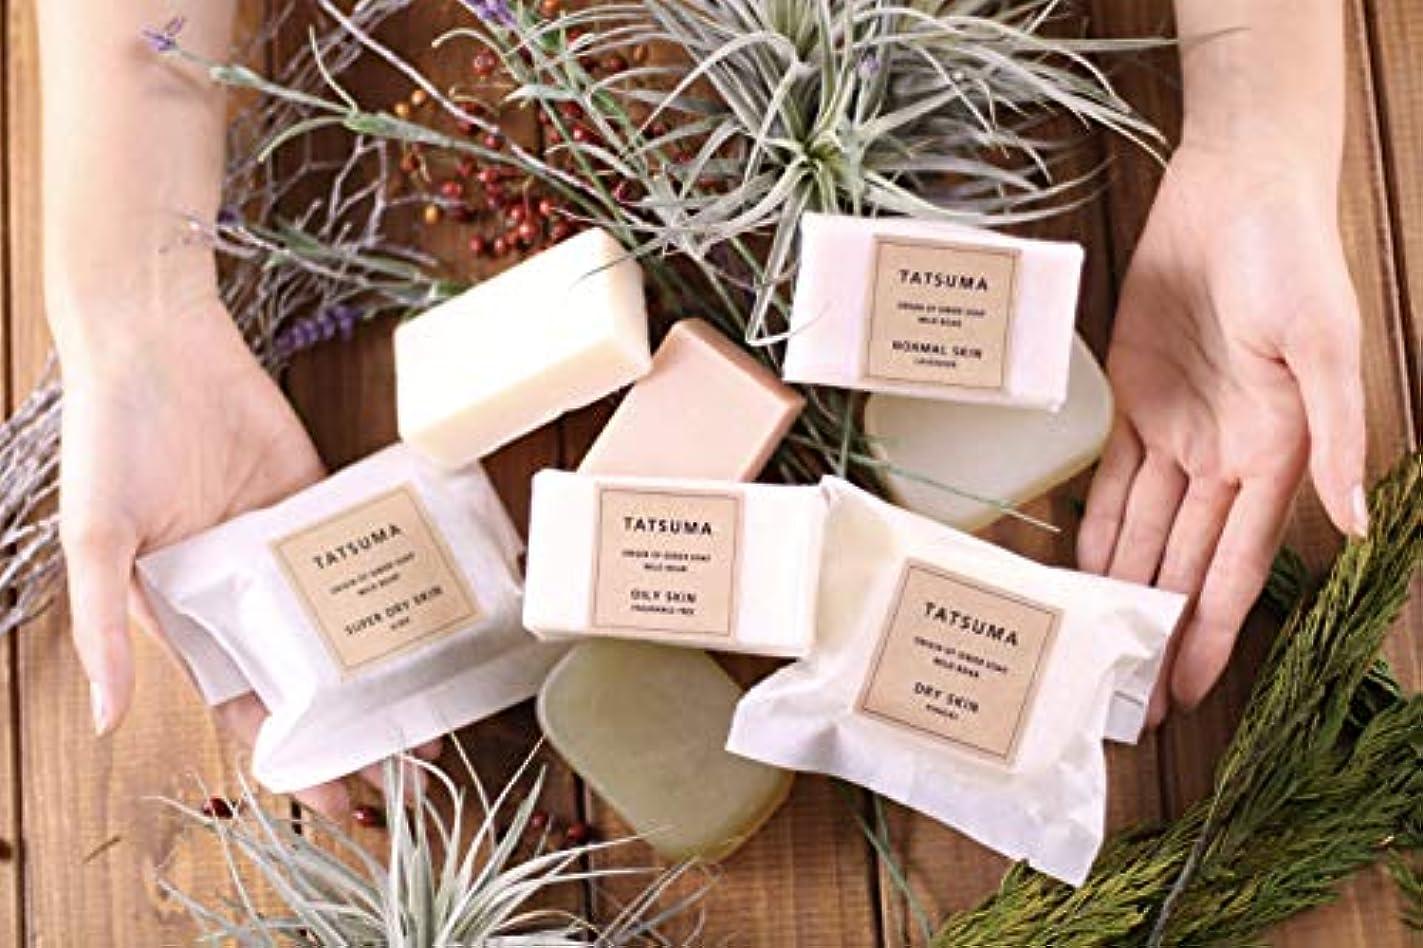 回路わずらわしいクライストチャーチTATSUMA SOAP 動物性オイルの無添加石鹸 NORMAL SKIN 普通肌さん ラベンダーの香(80g)